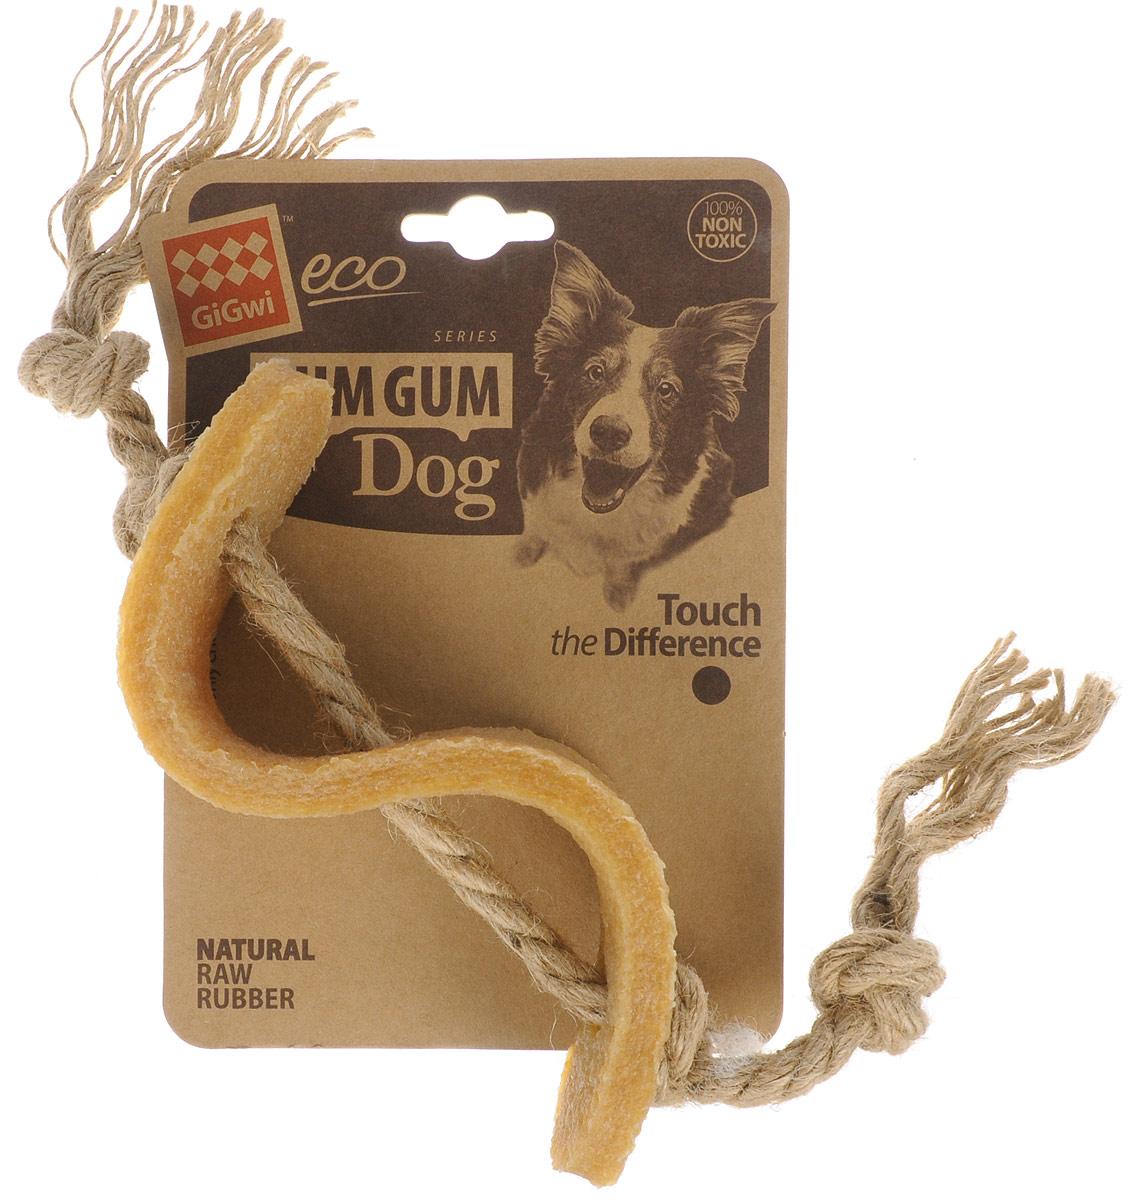 Игрушка для собак GiGwi Доллар, длина 13,5 см75344Игрушка для собак GiGwi Доллар выполнена из натуральных компонентов - 100% нетоксичного каучука и льняного жгута. Натуральные материалы игрушки не вредят здоровью вашего питомца, его зубам и деснам, тем самым обеспечивая здоровую игру для вашего друга.